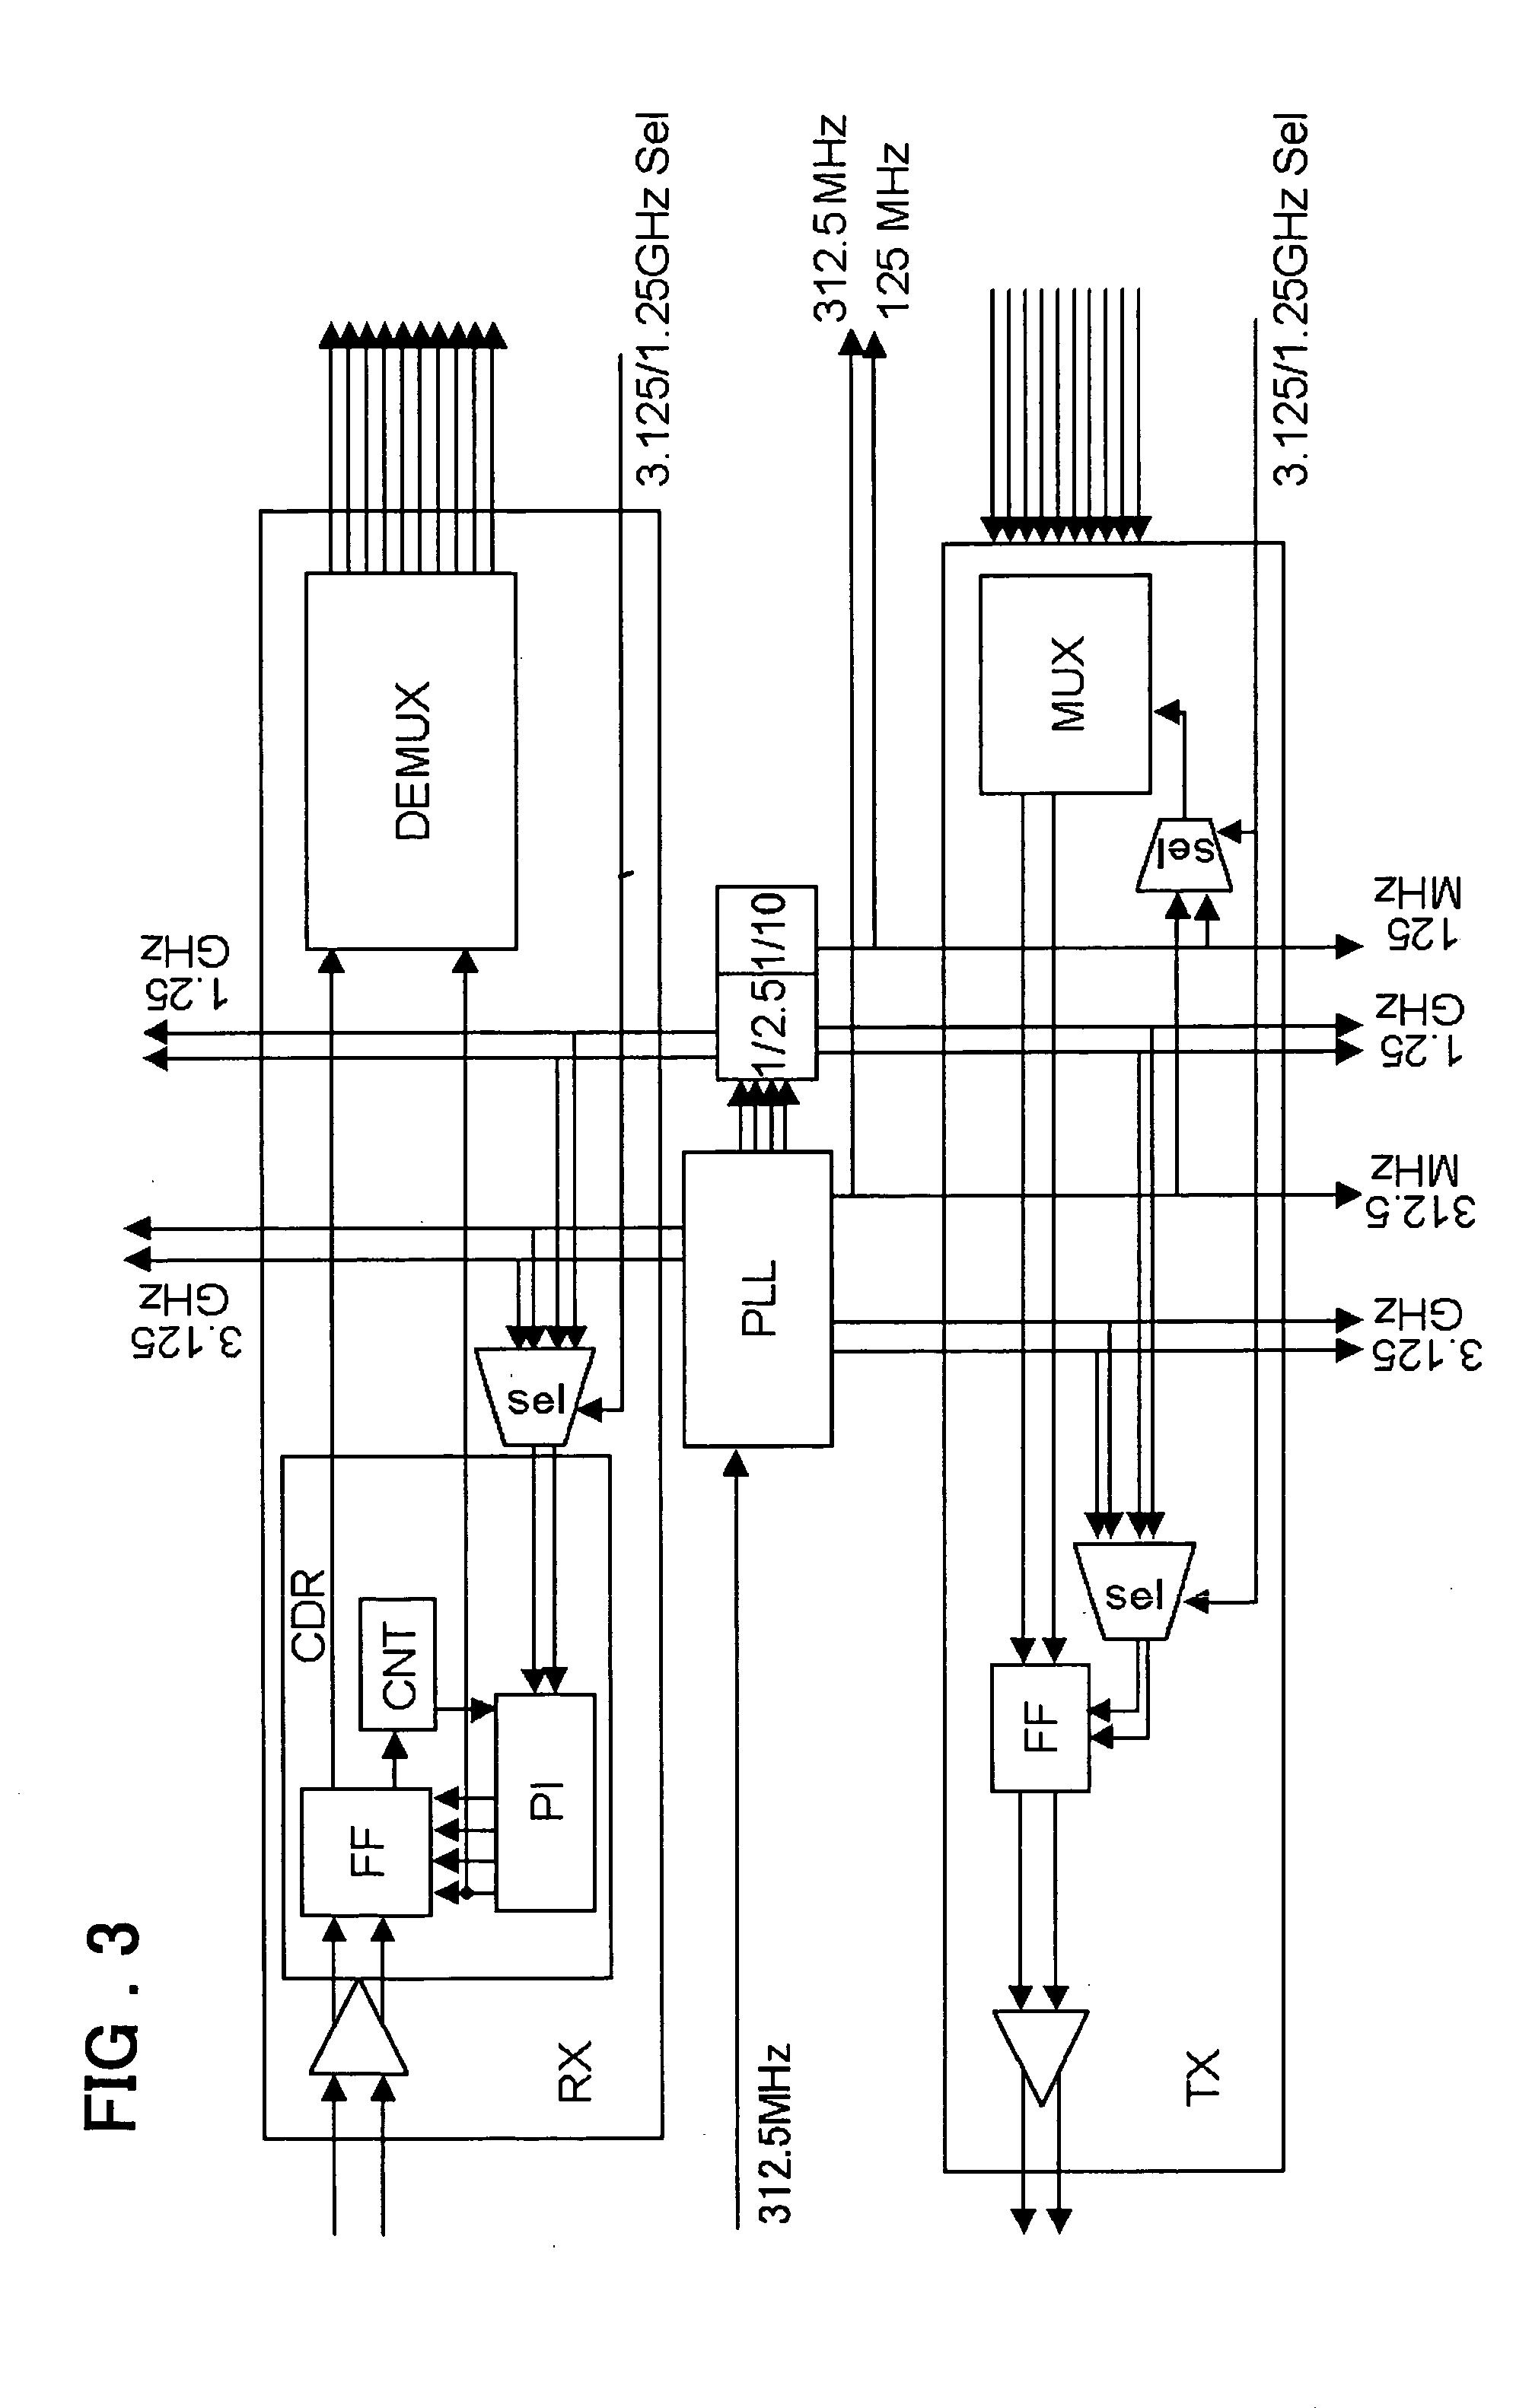 patent us20050174153